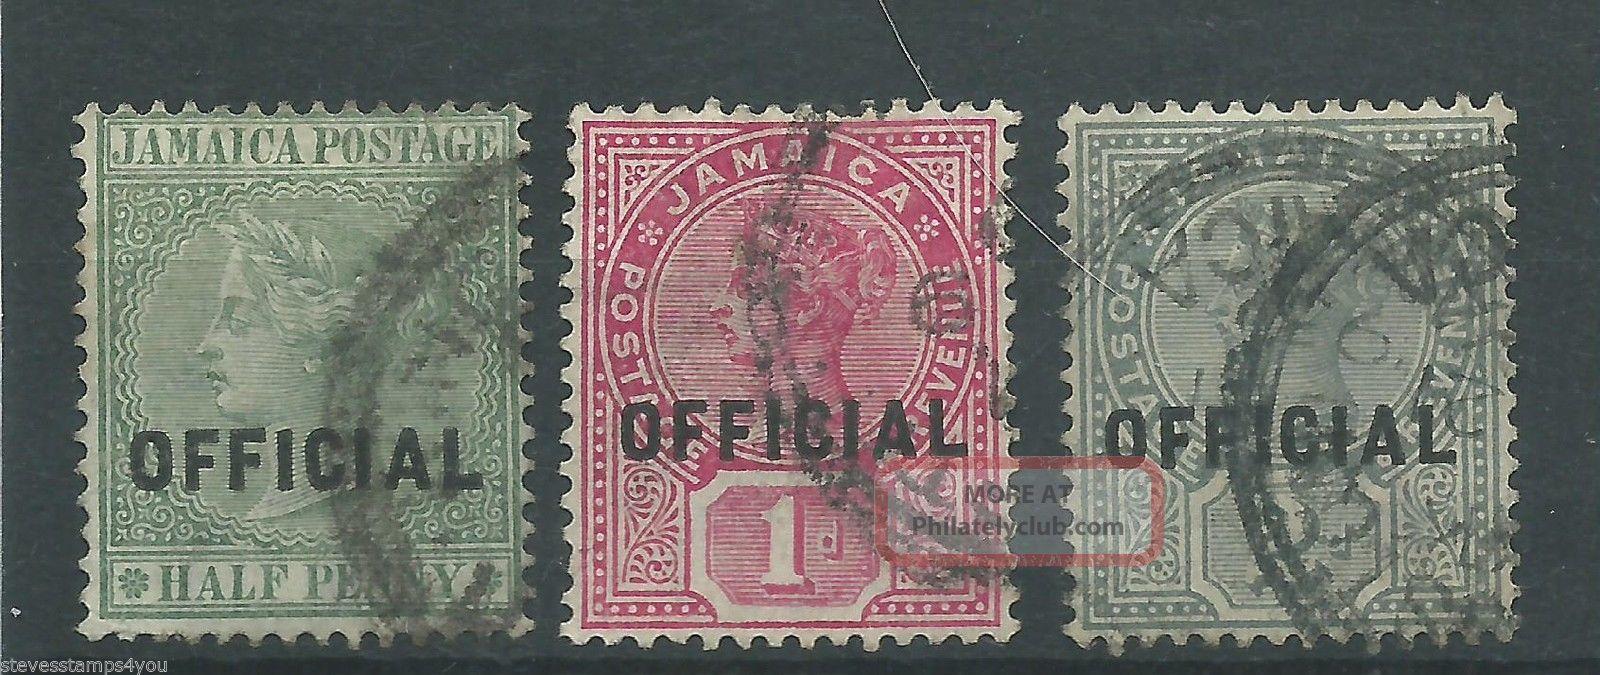 Jamaica - 1890 To 1891 - Sgo3 Sgo4 & Sgo5 - Cv £ 3.  75 - British Colonies & Territories photo